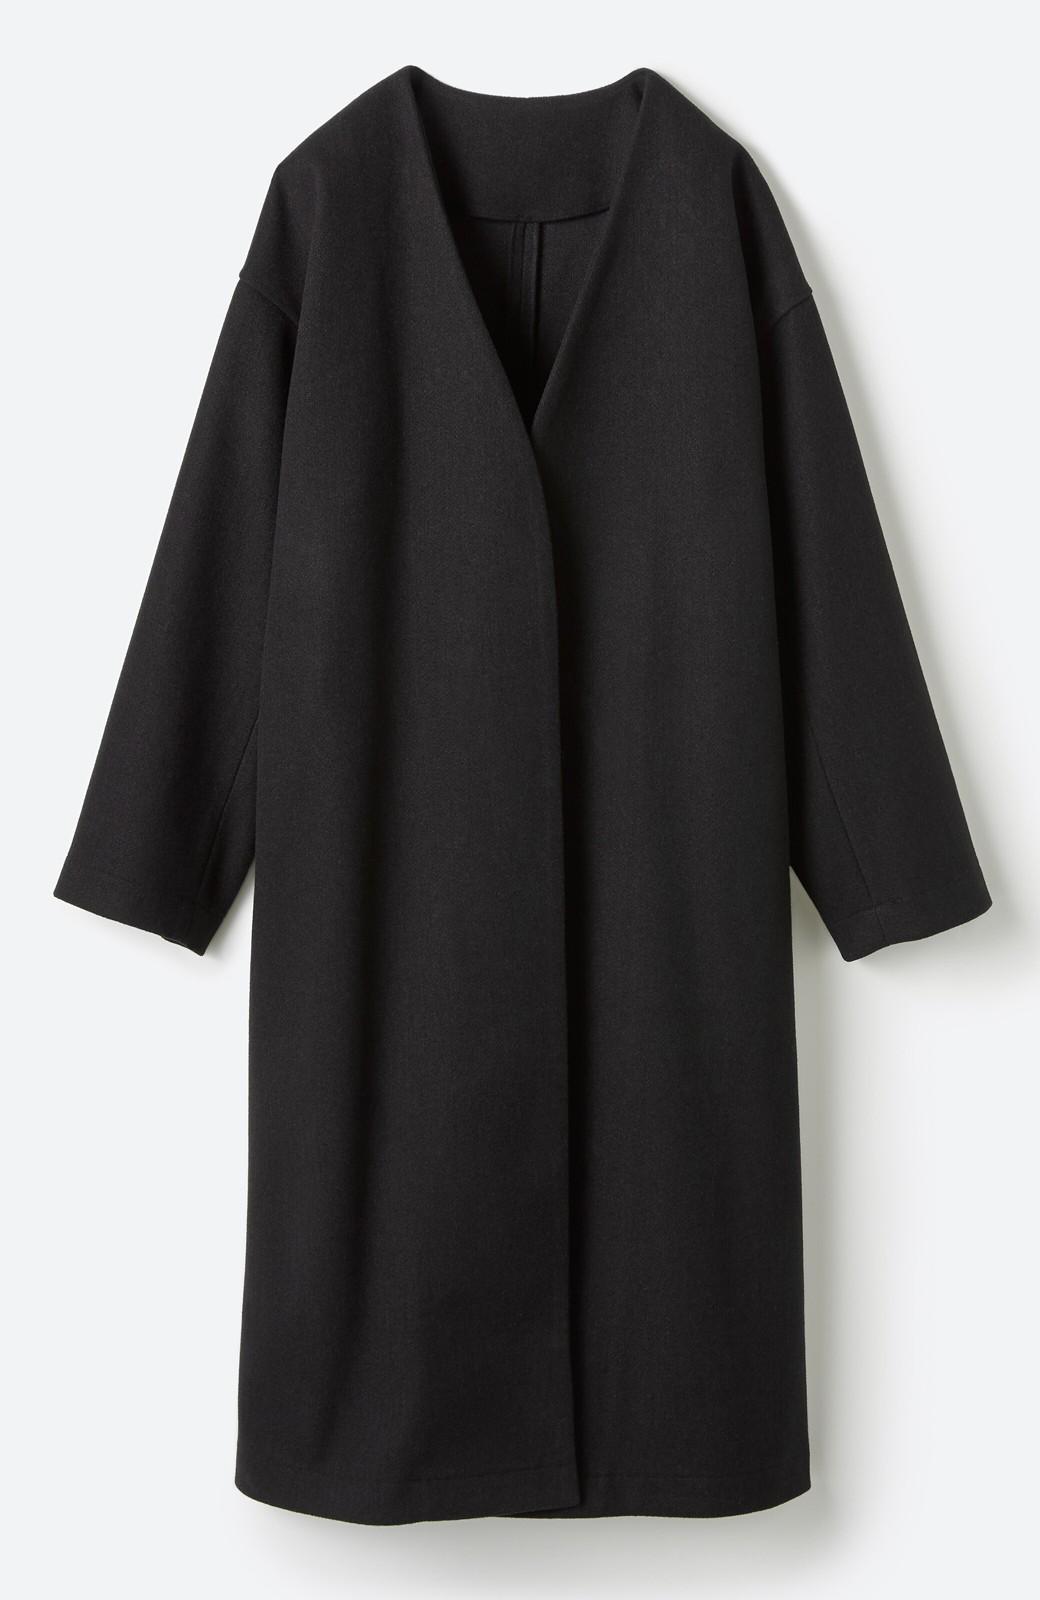 haco! 気軽に羽織れて女っぽくもかっこよくも決まる!便利なノーカラーコート <ブラック>の商品写真31